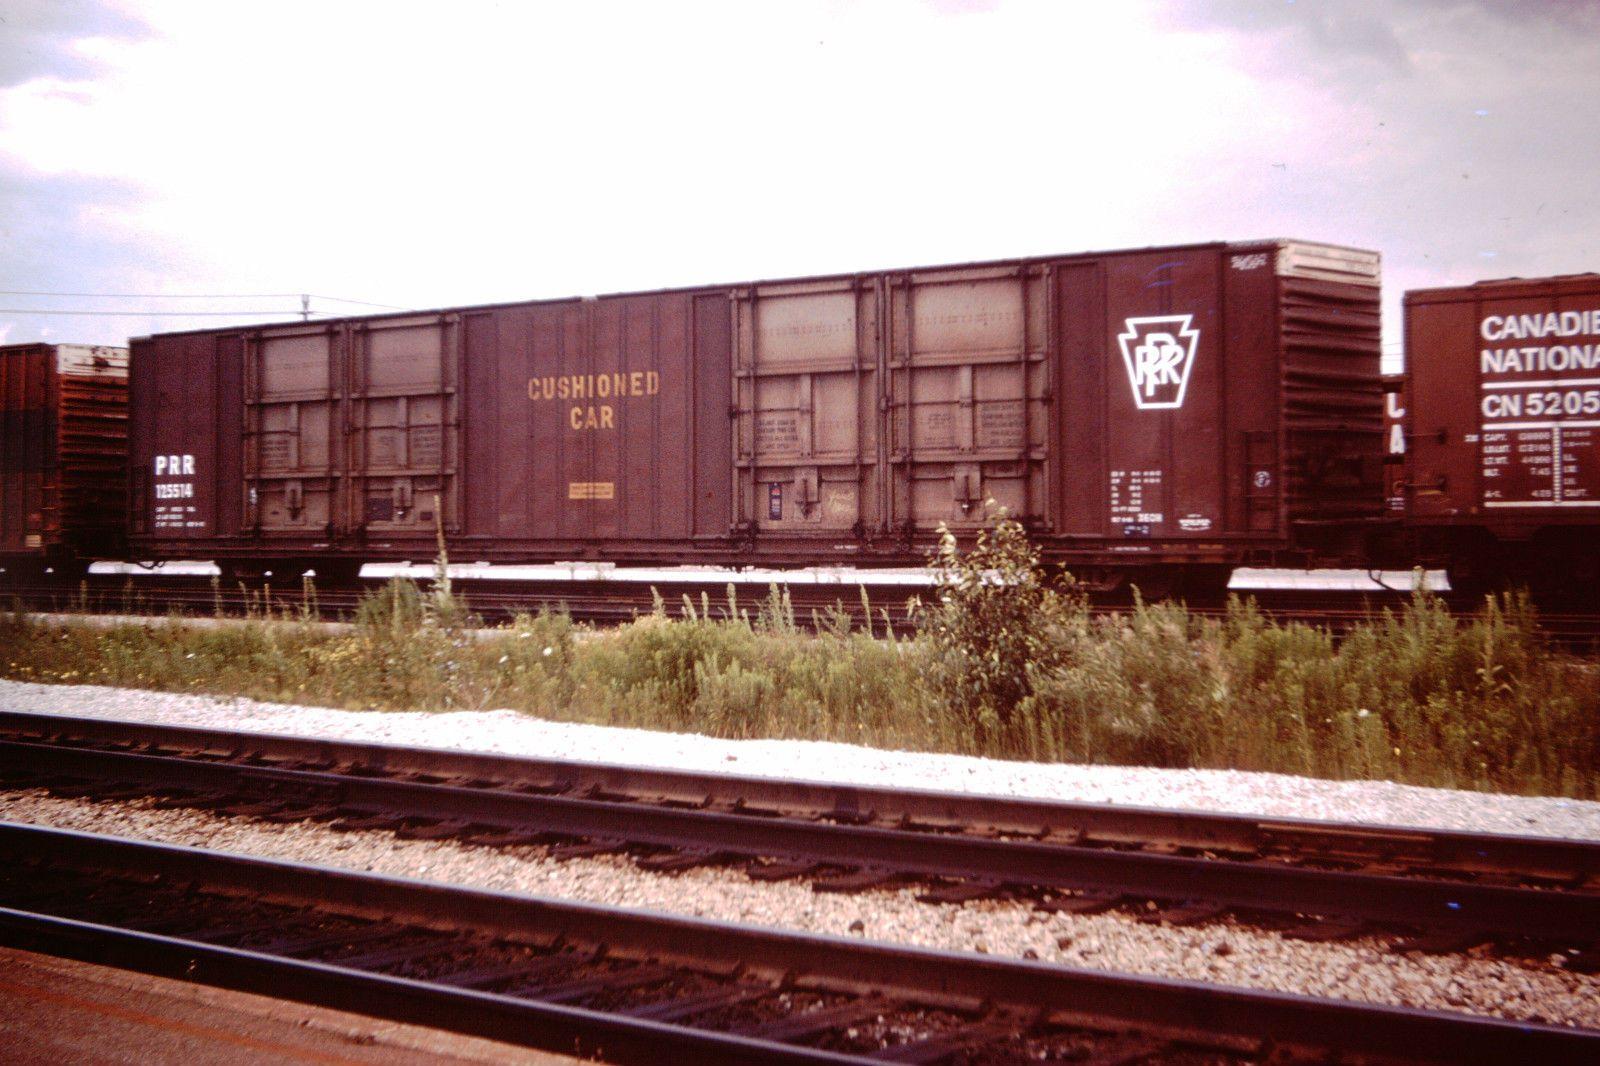 Prr Pennsylvania Railroad Hi Cube 93 11 Outside Length 86 6